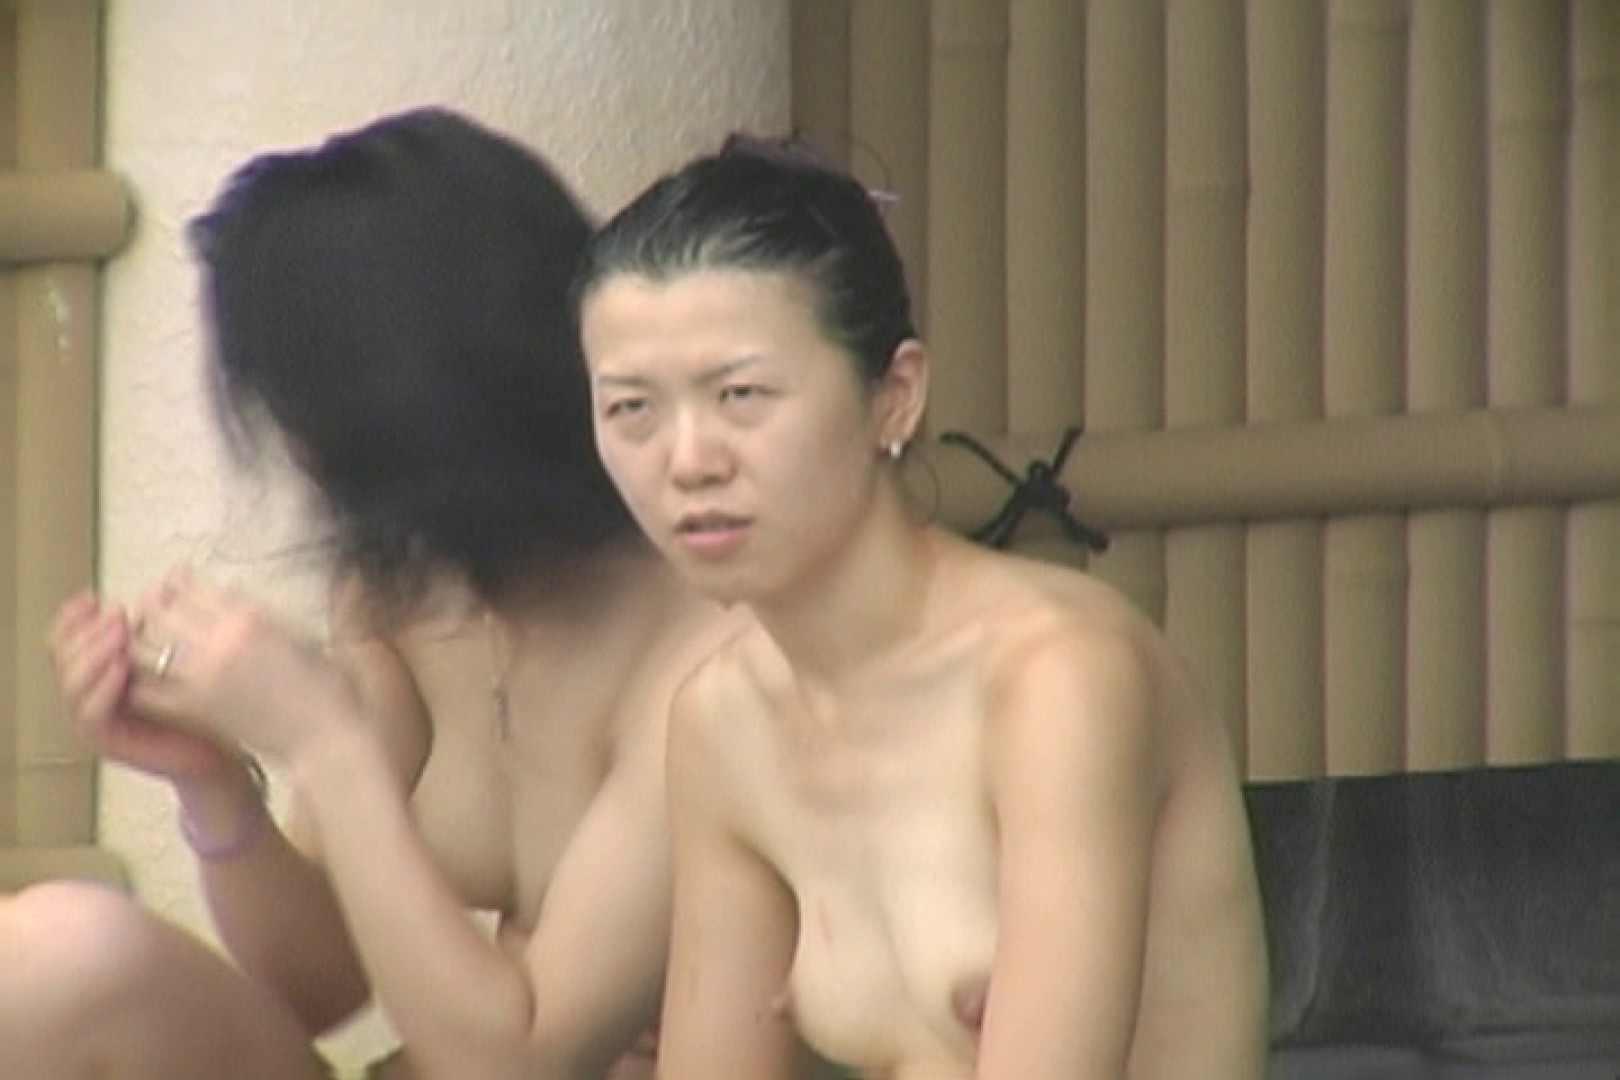 Aquaな露天風呂Vol.638 露天 | 盗撮  87pic 51